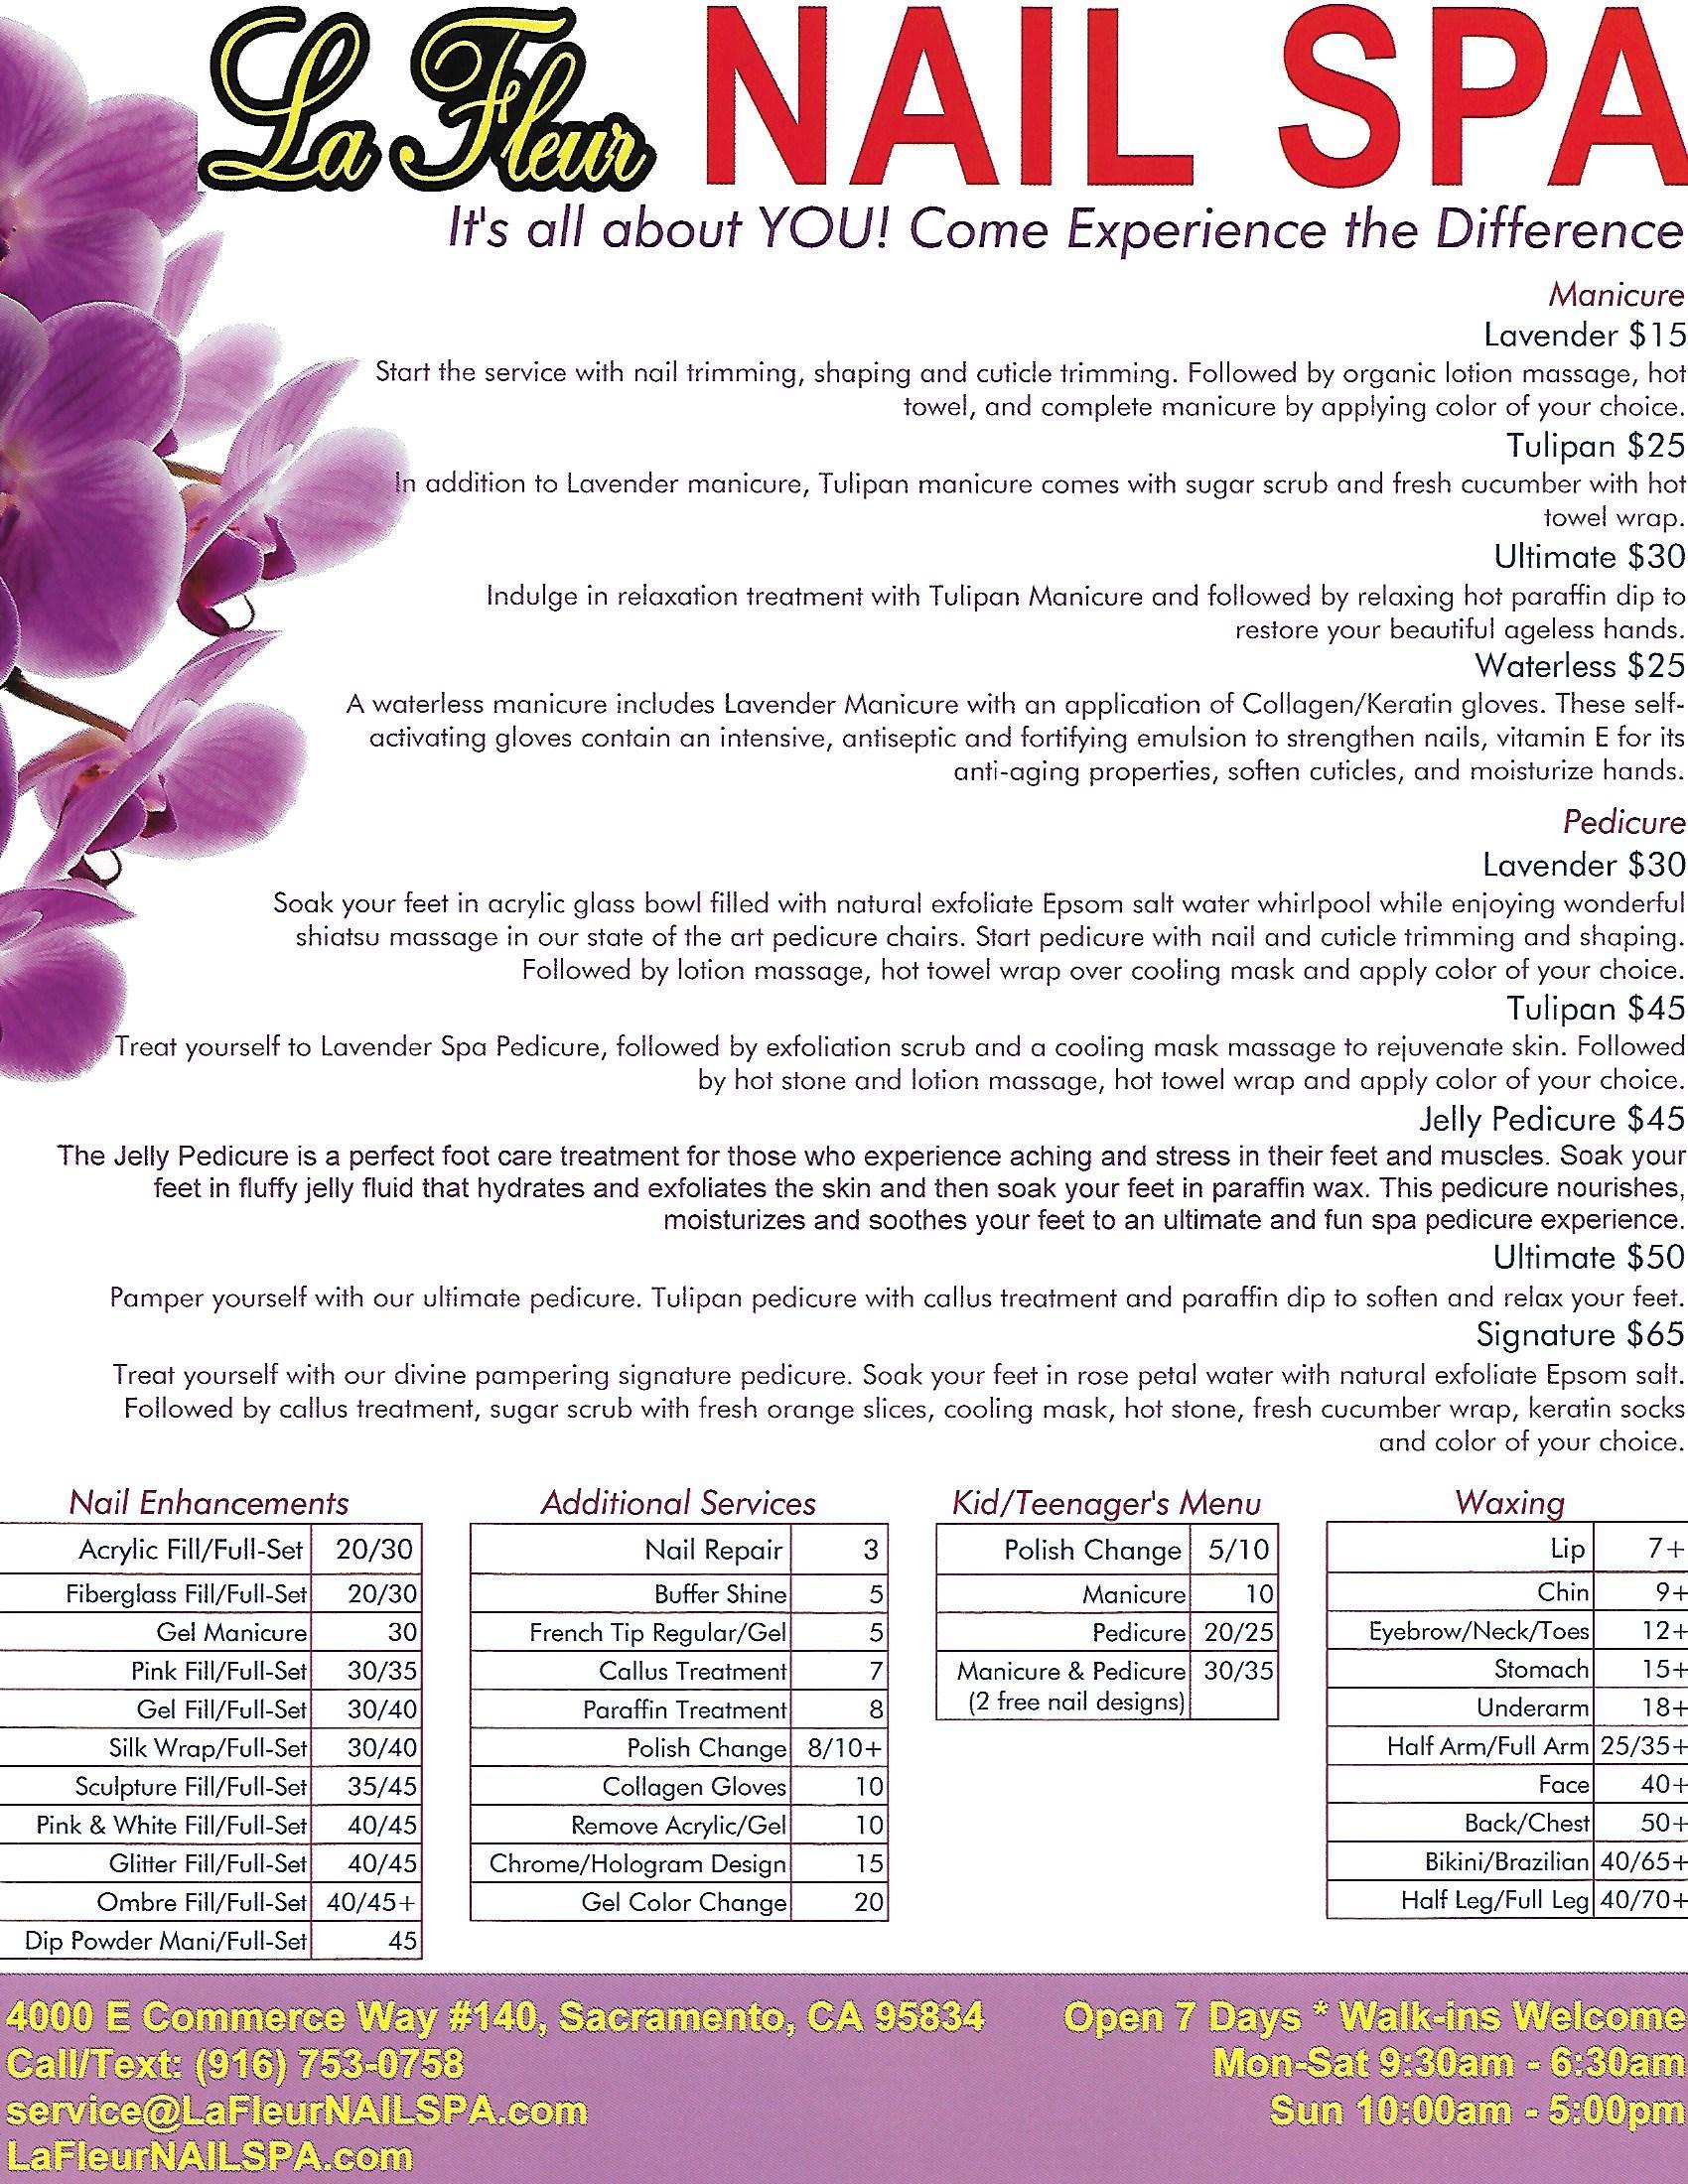 La Fleur NAIL SPA Services - La Fleur NAIL SPA